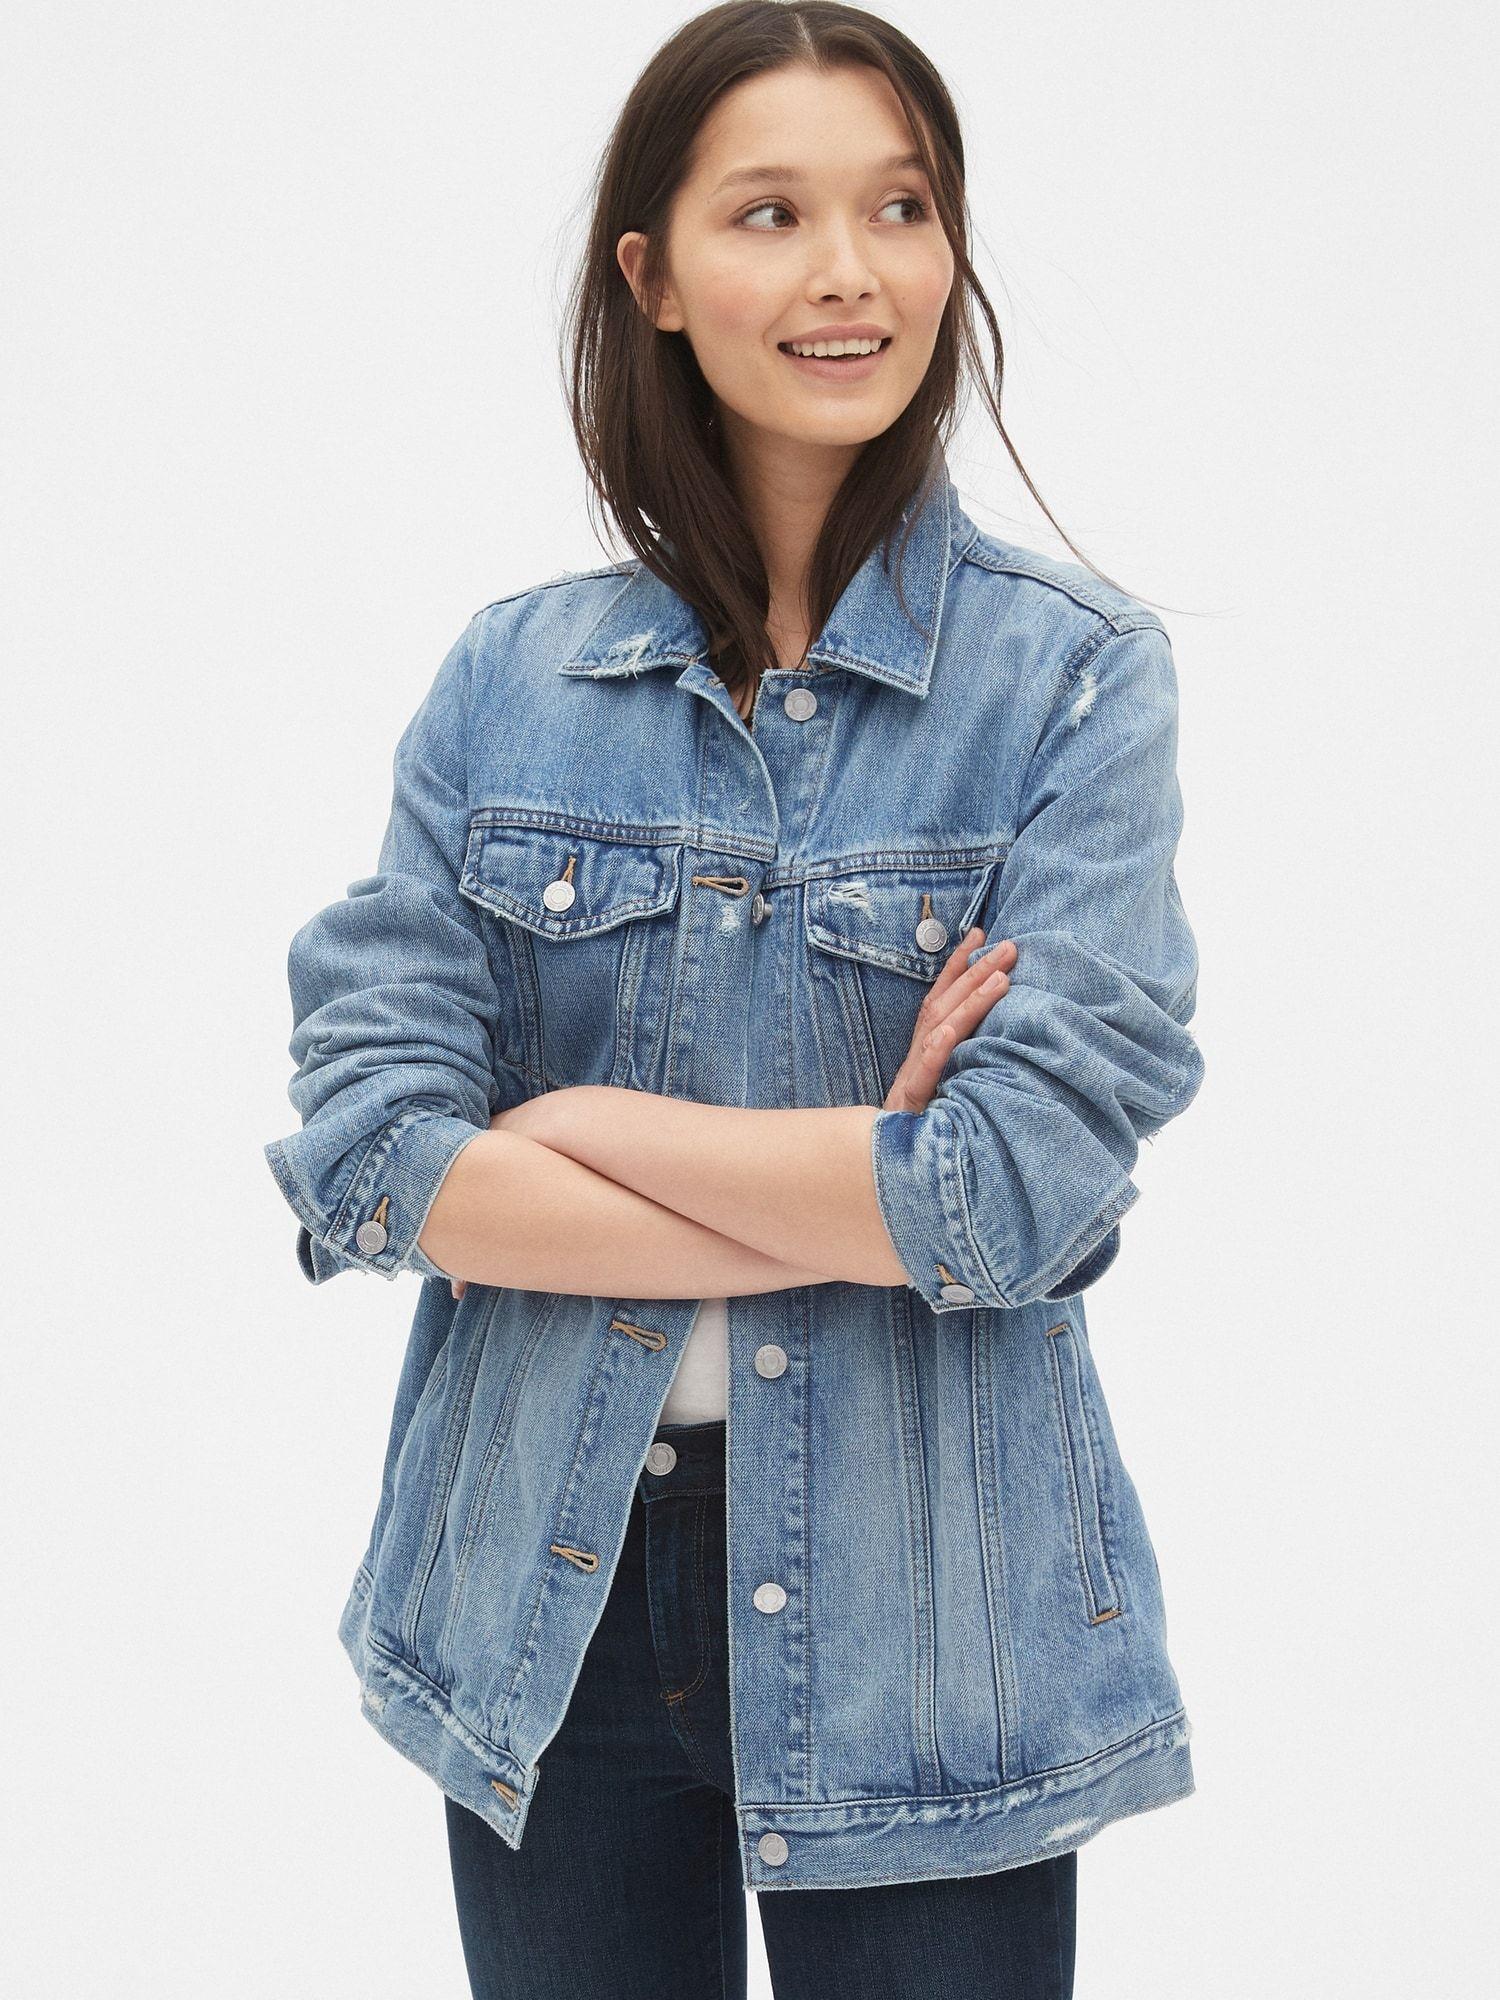 Distressed Oversized Icon Denim Jacket Gap denim jacket